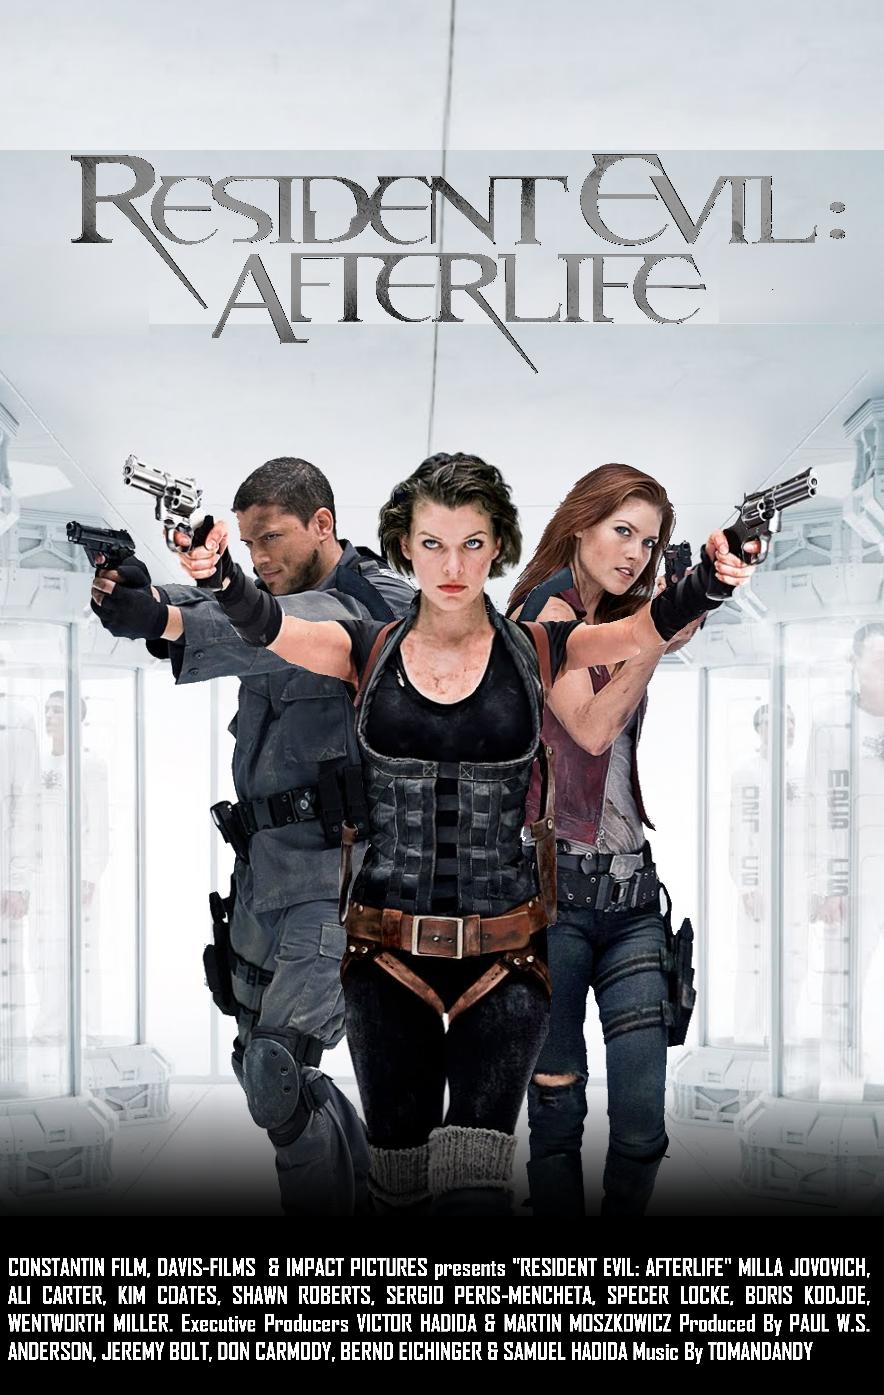 Resident Evil 4 Afterlife ผีชีวะ 4 สงครามแตกพันธุ์ไวรัส [HD][พากย์ไทย]